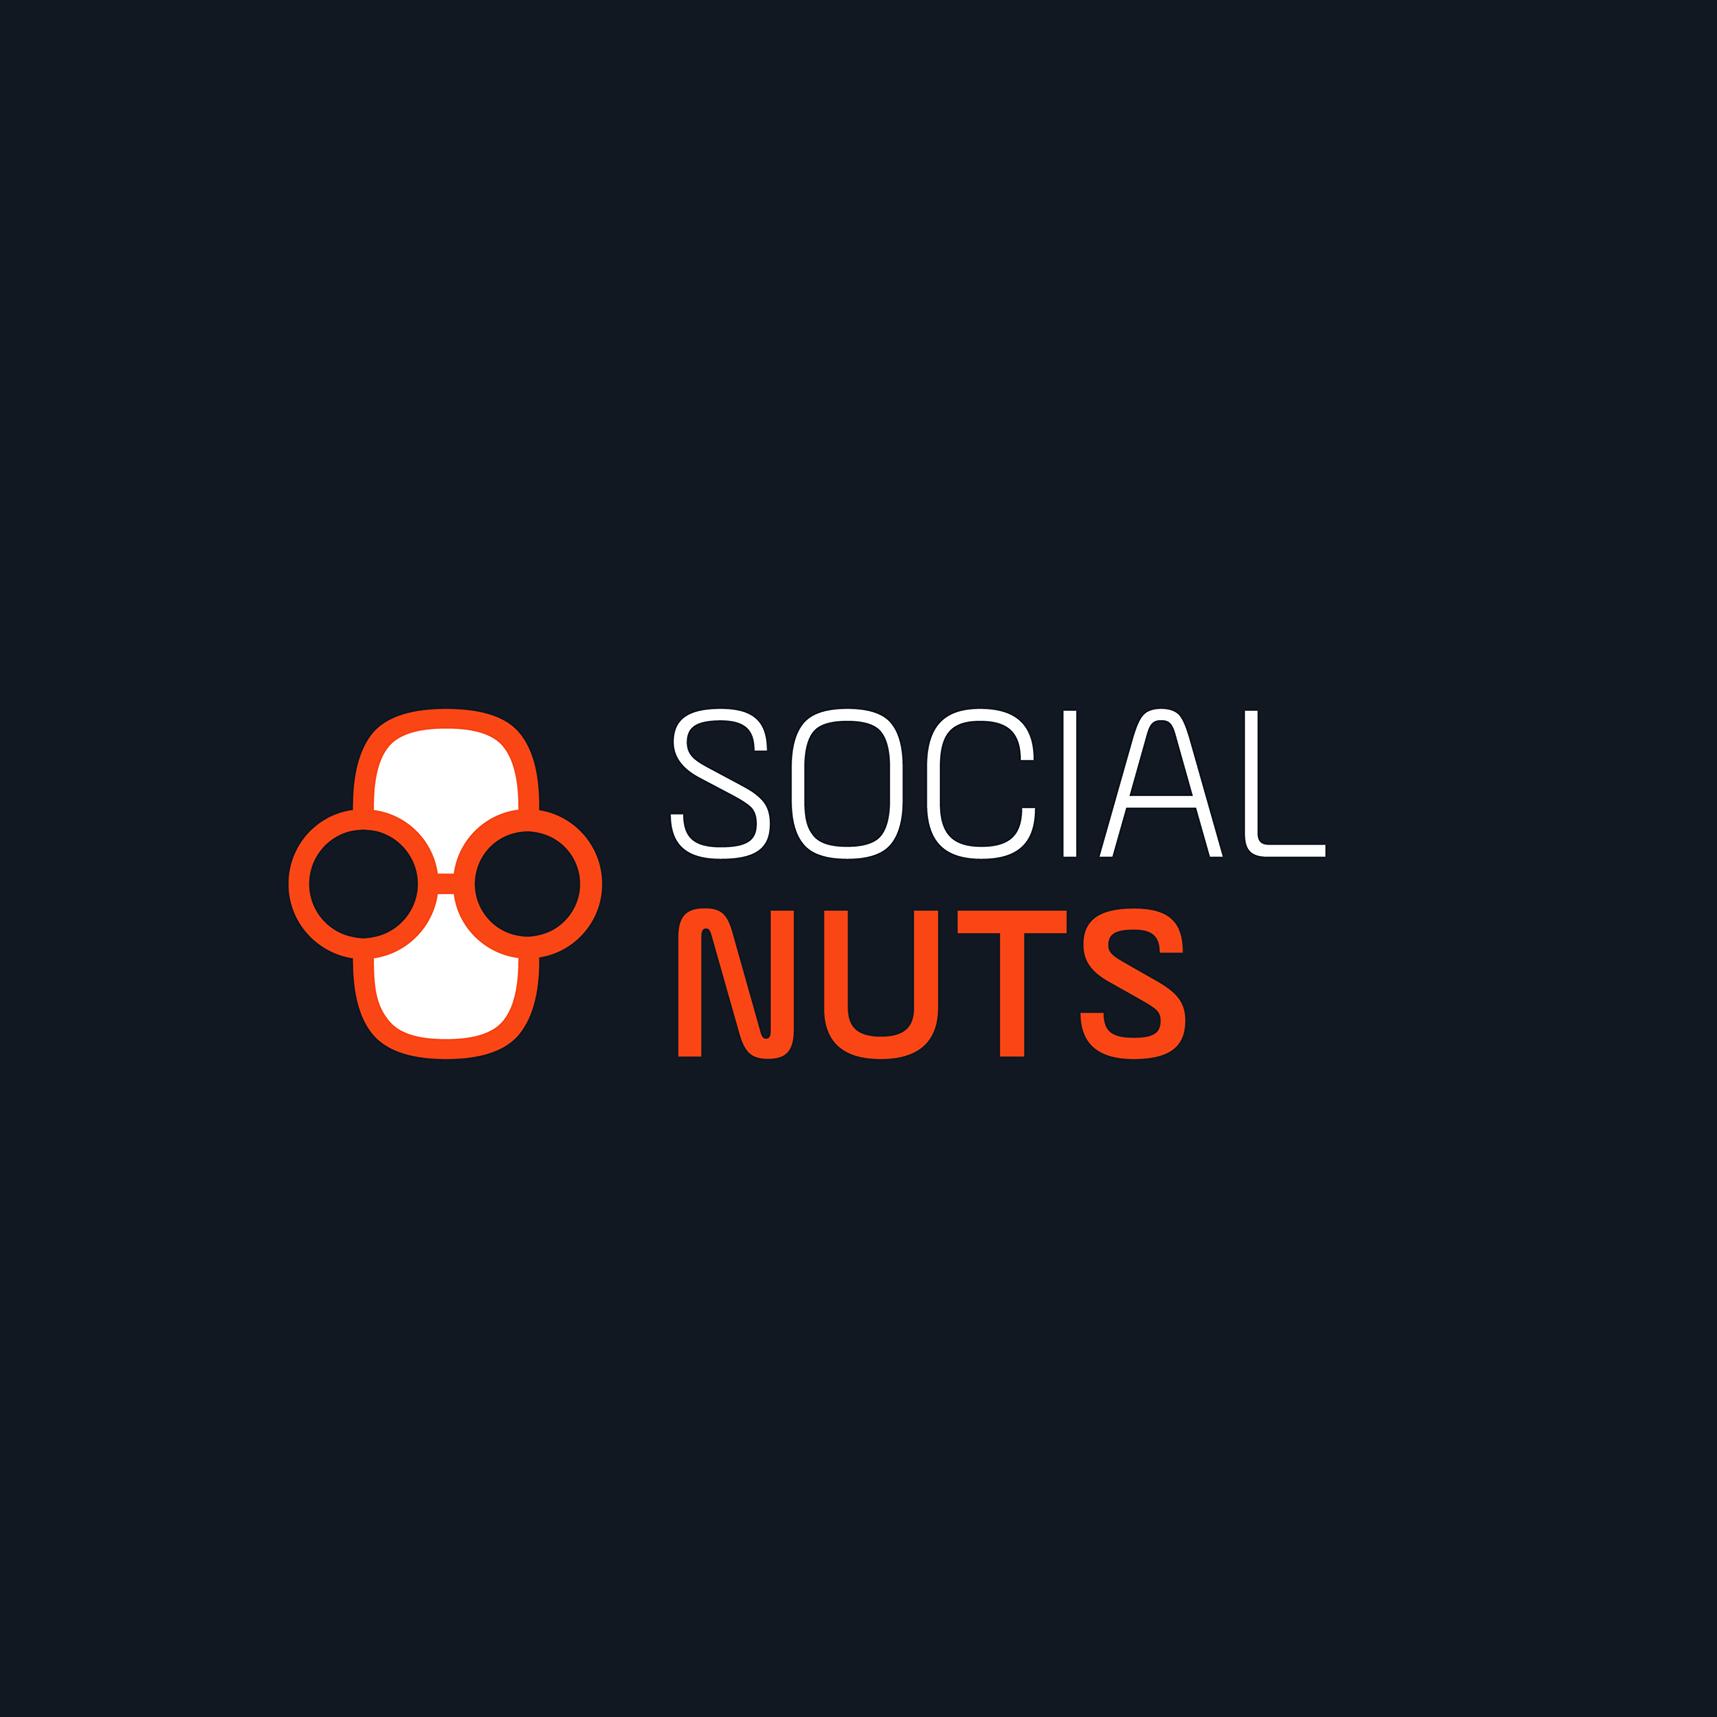 Social Nuts